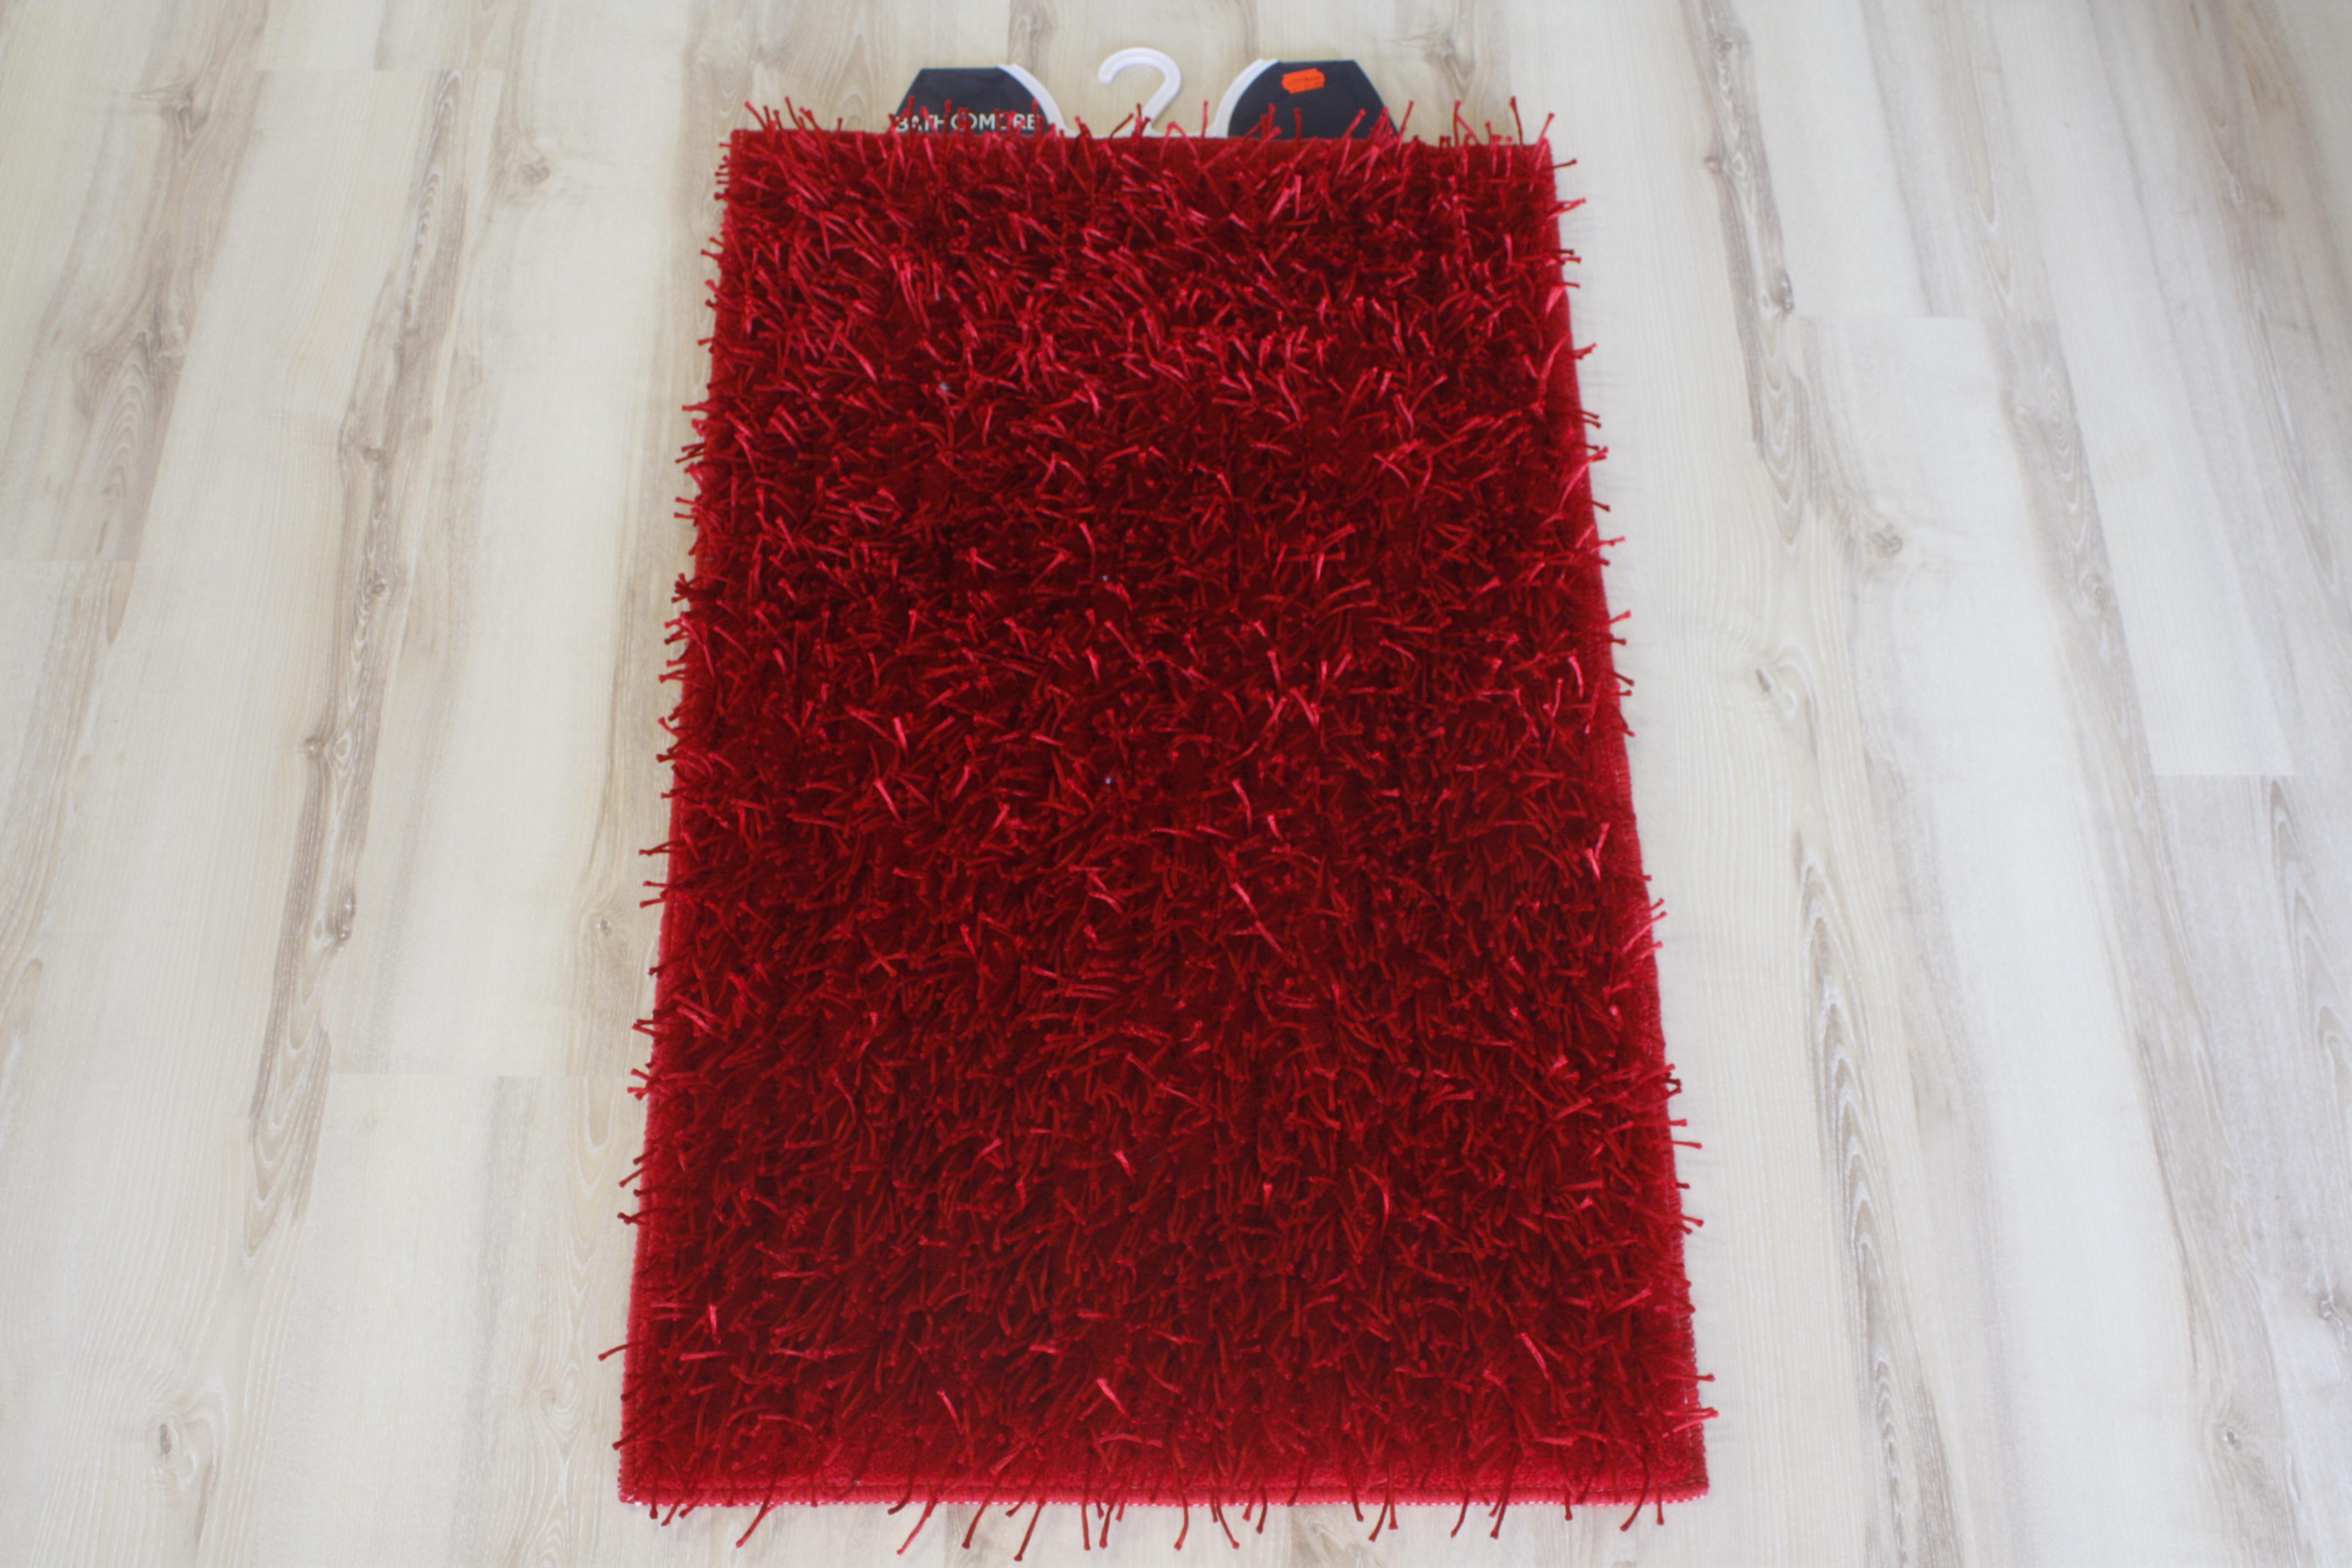 Baño De Color Rojo Pelo:baño y más serie de baño mauricio disfrute de la comodidad al más